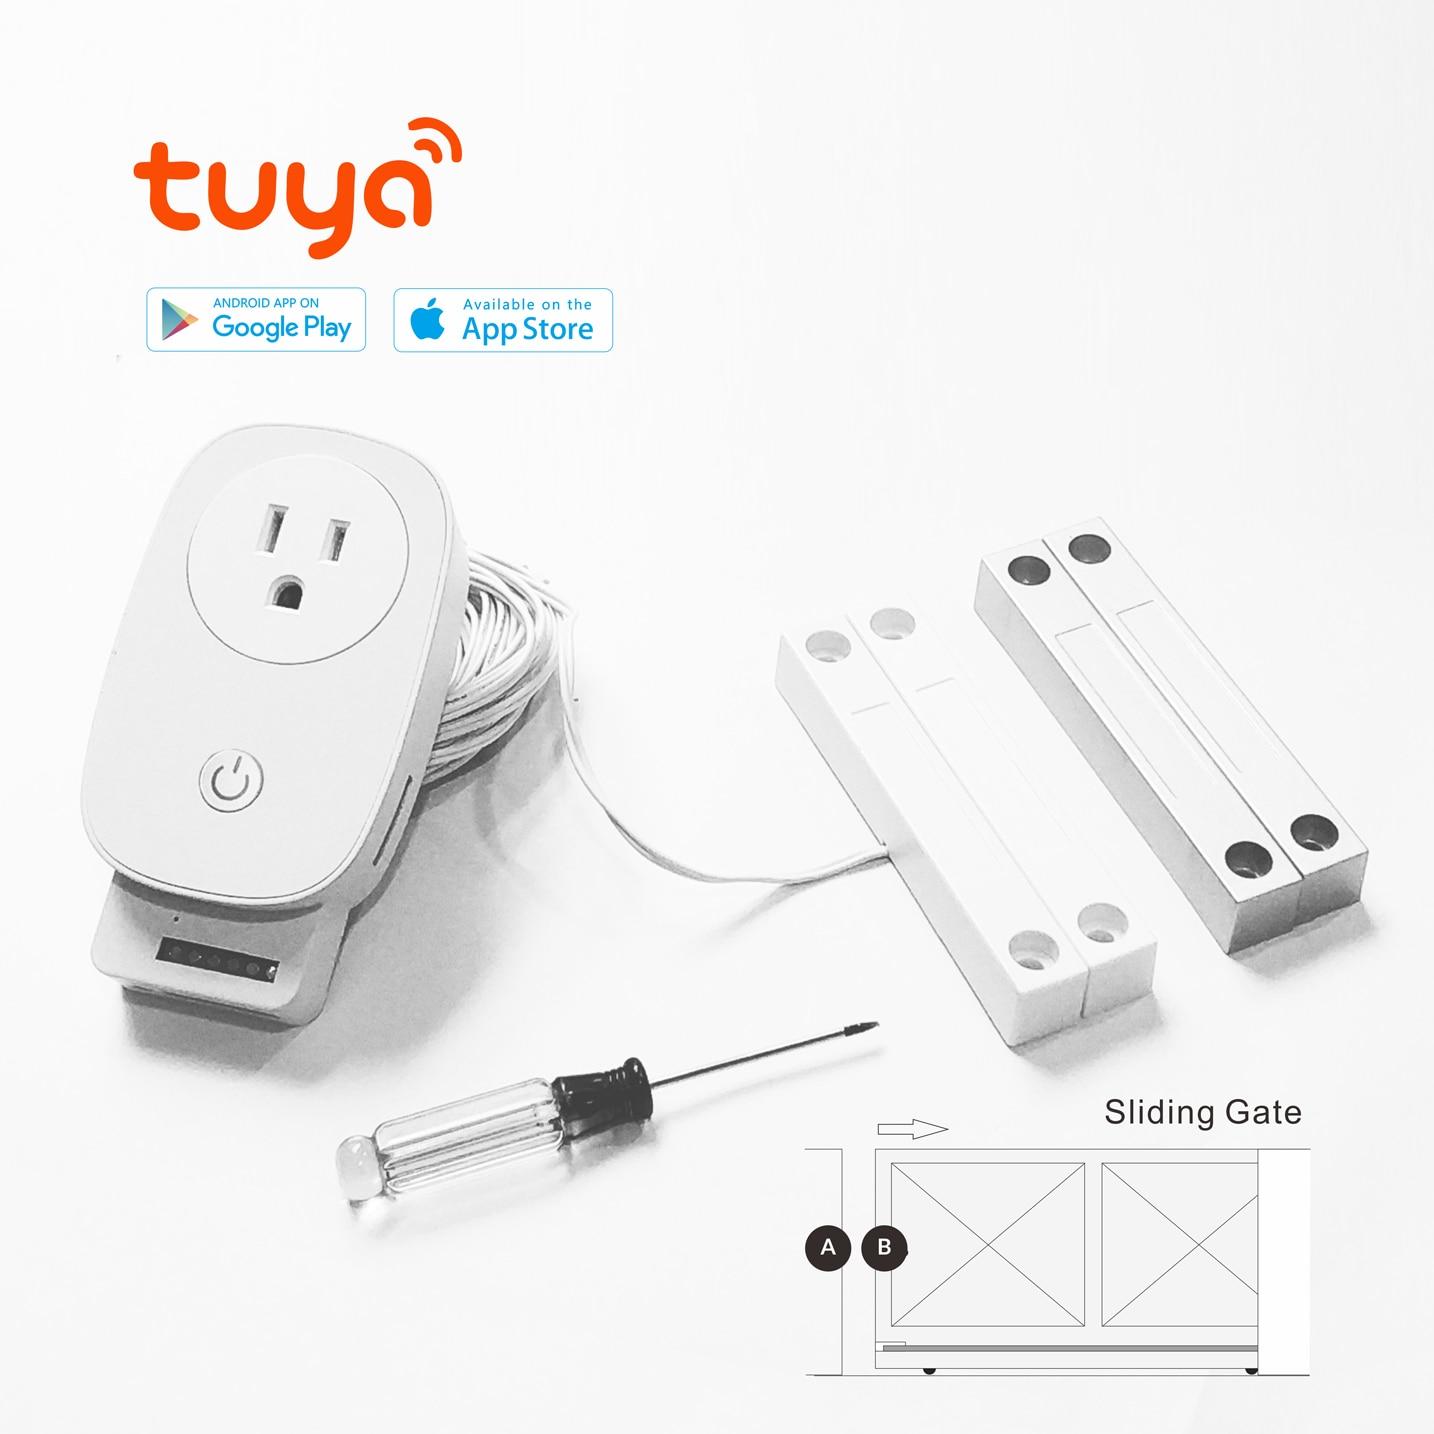 Tuya Wifi Garage Door Opener For Car Garage Door Controller App Smart Remote Control Voice Control Works With Alexa Google Ifttt Electric Door Control System Aliexpress